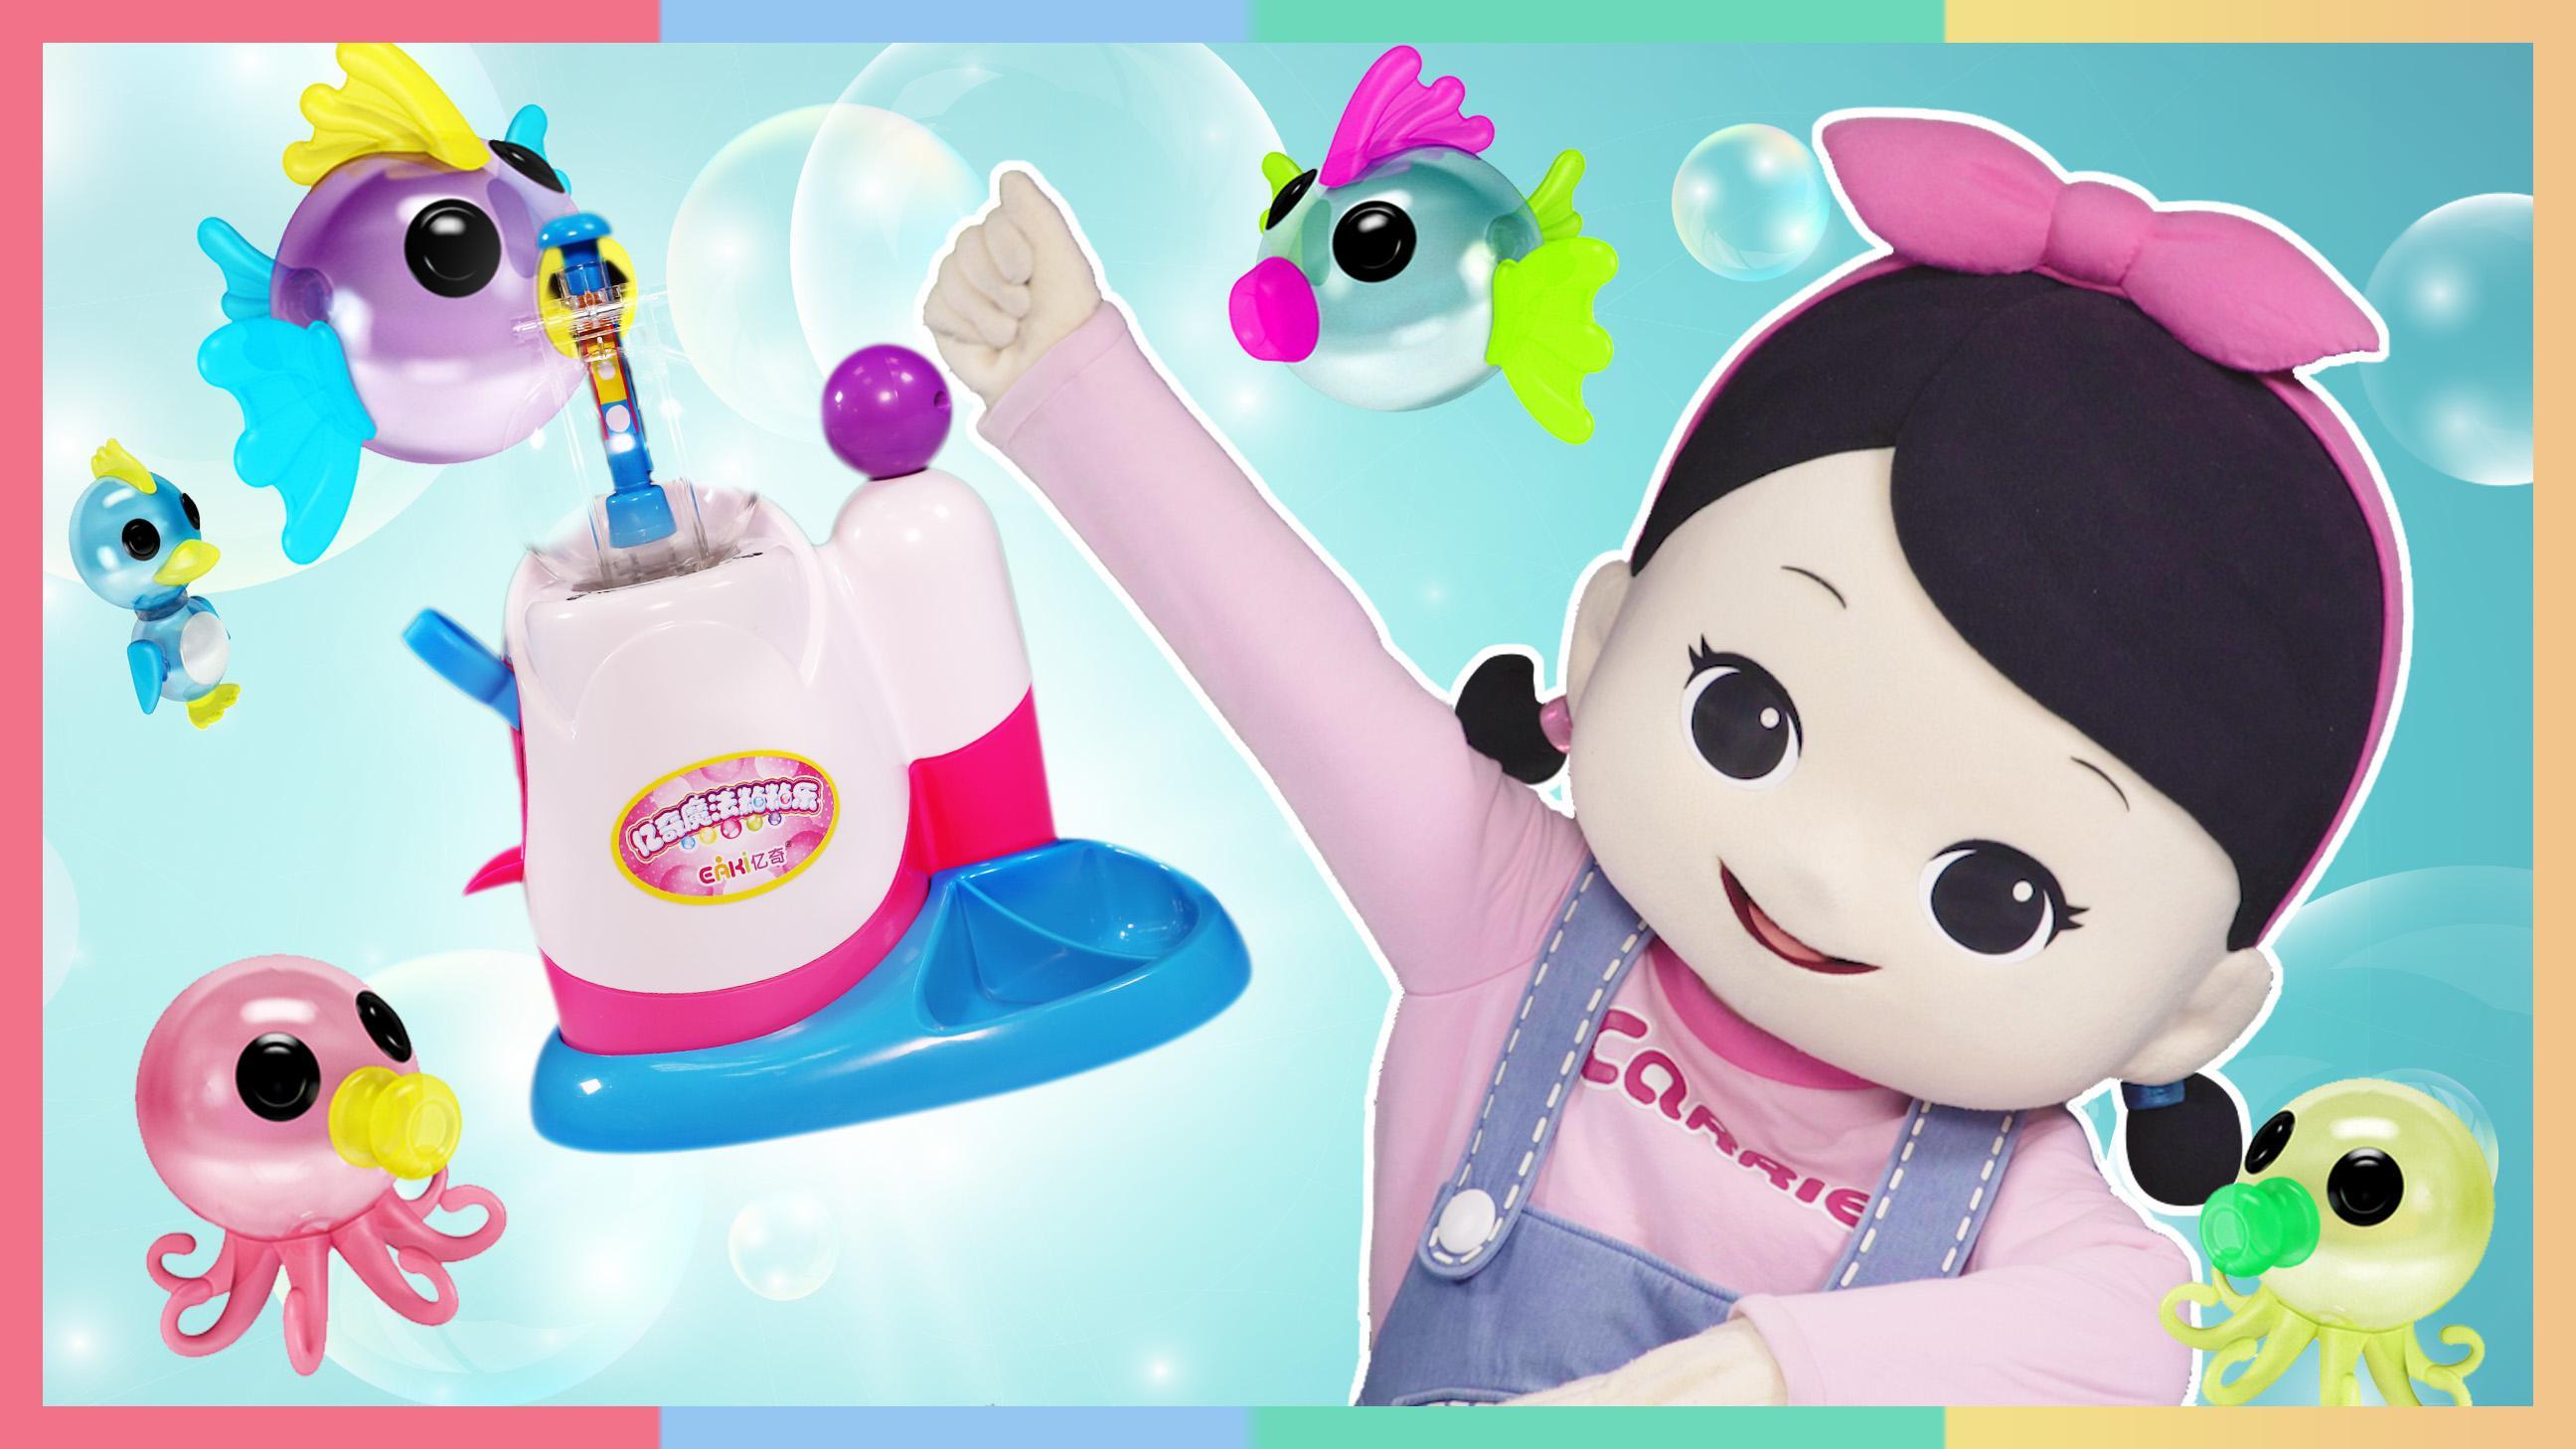 亿奇魔法粘粘乐制作超萌泡泡造型小鸡   凯利和玩具朋友们 CarrieAndToys